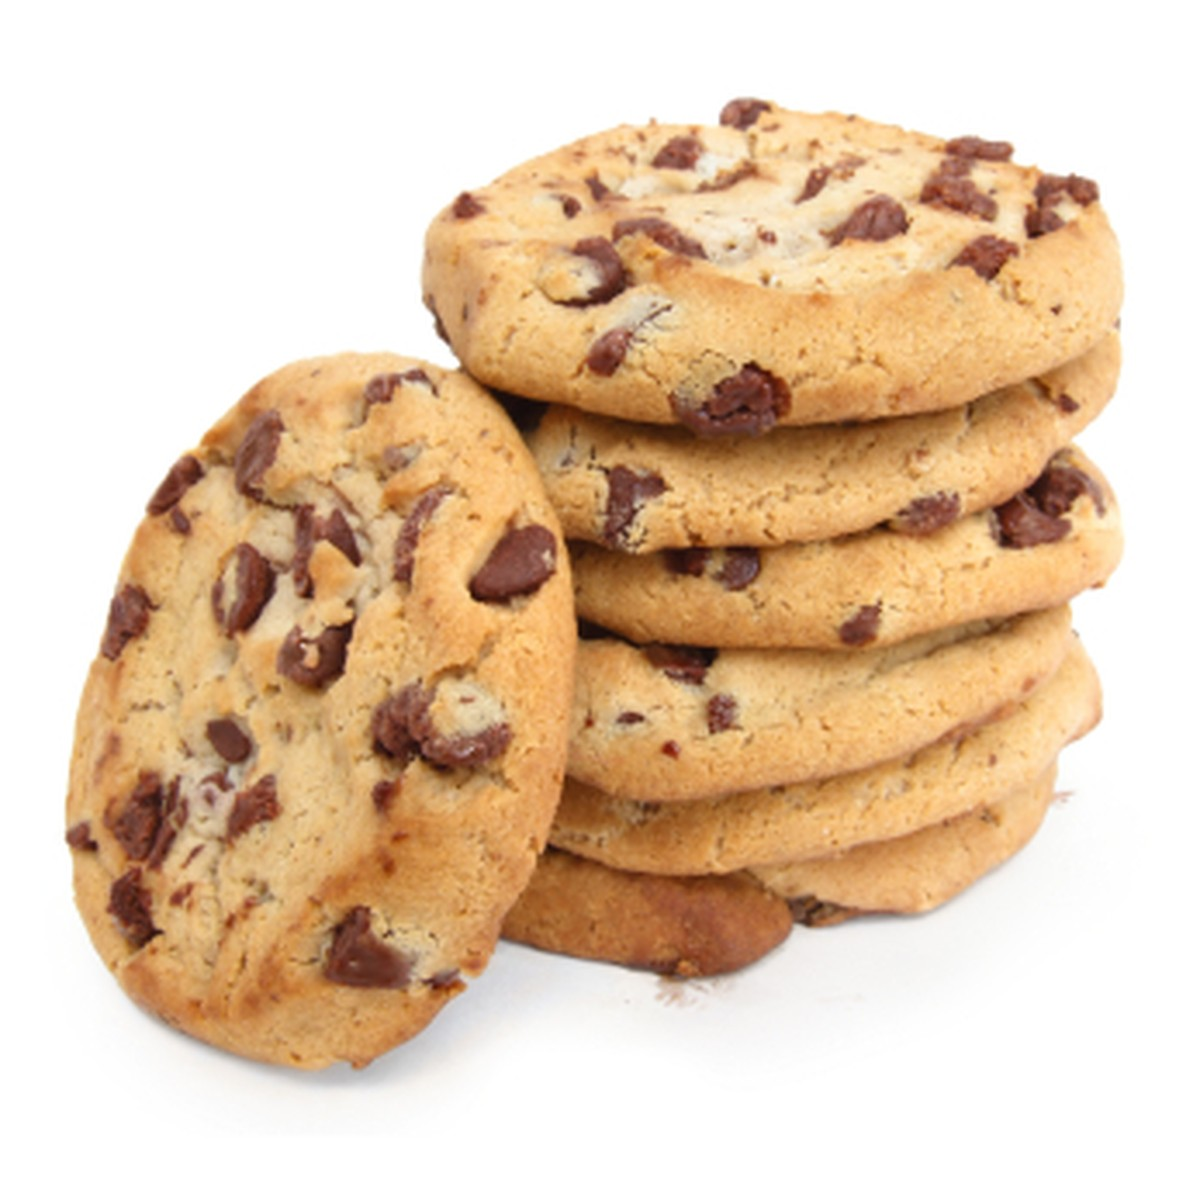 16_47_29_240_chocolate_cookies.jpg